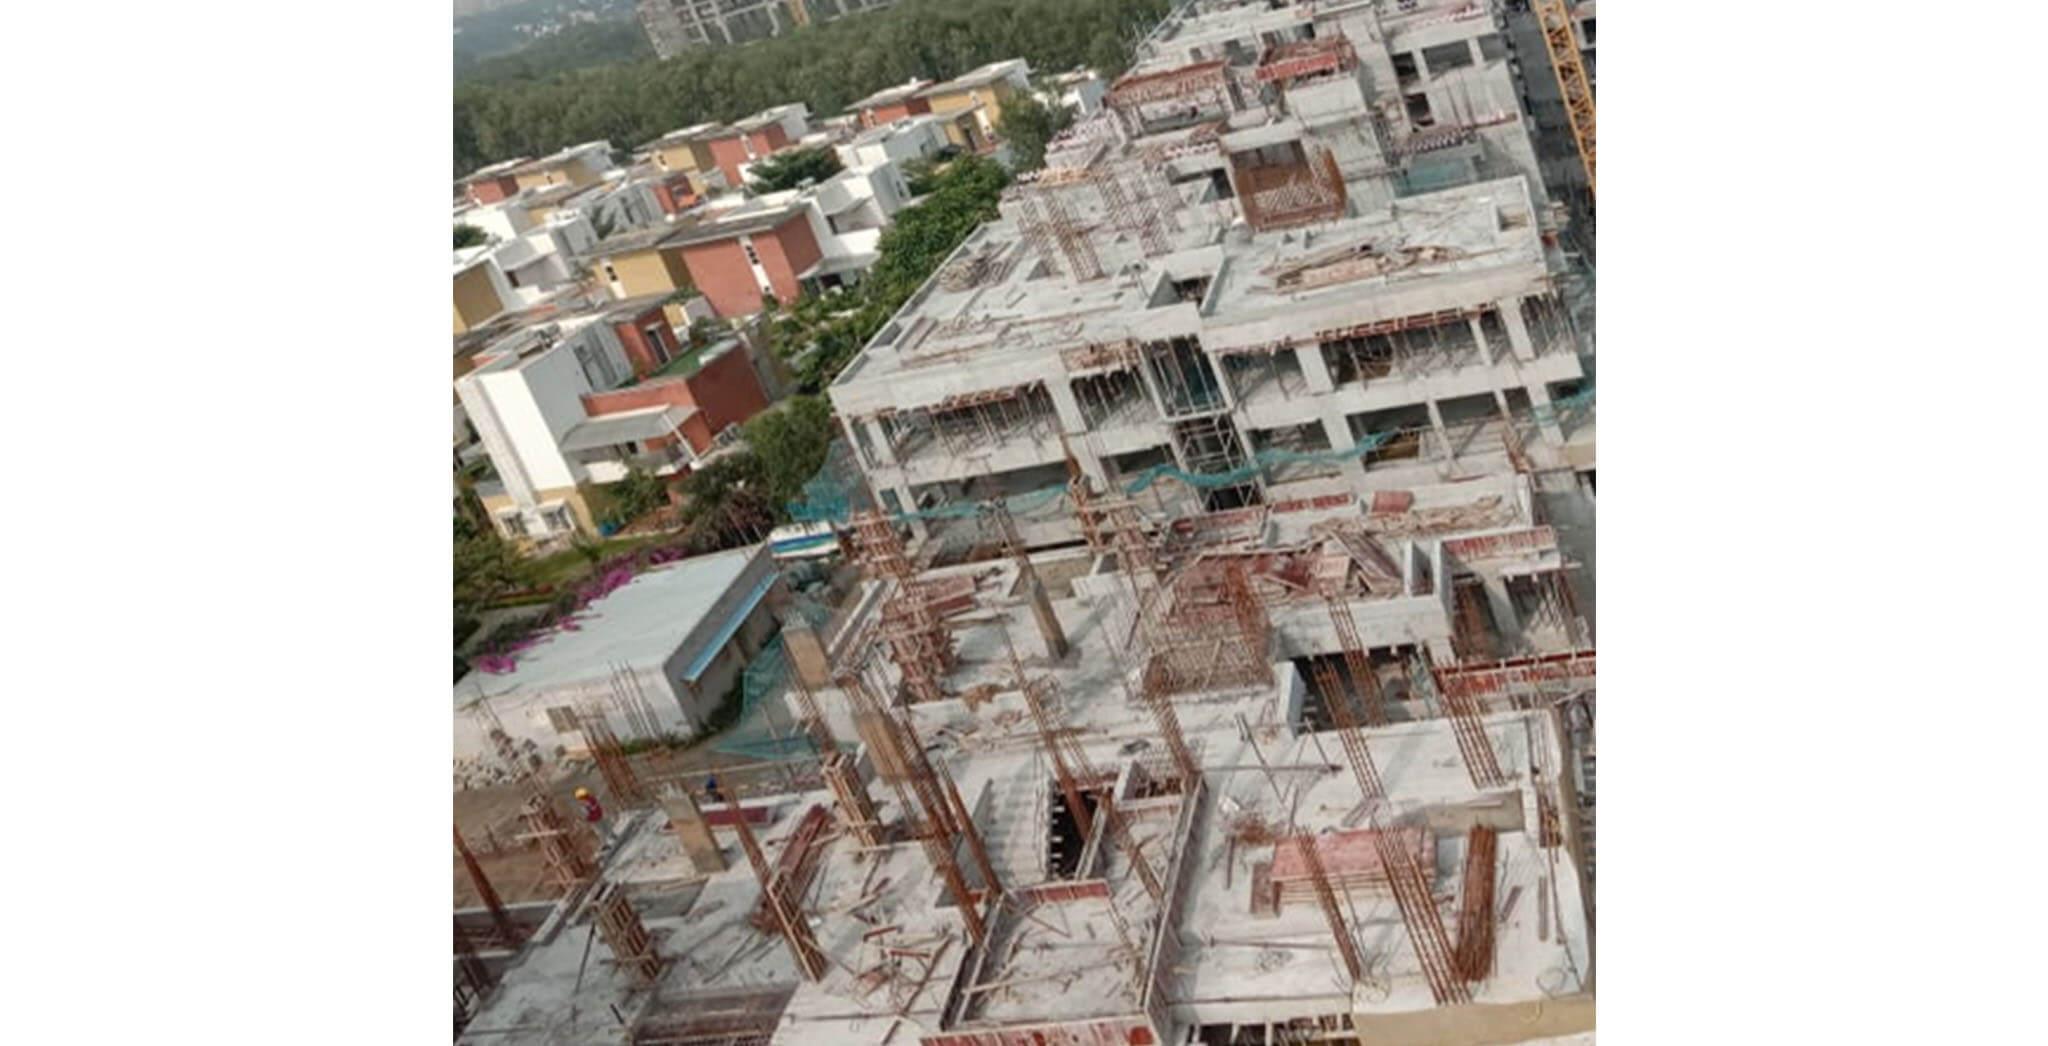 Oct 2020 - West side view: G Block—Terrace floor completed, 2nd floor blockwork-in-progress; F Block—3rd to 4th floor column work-in-progress